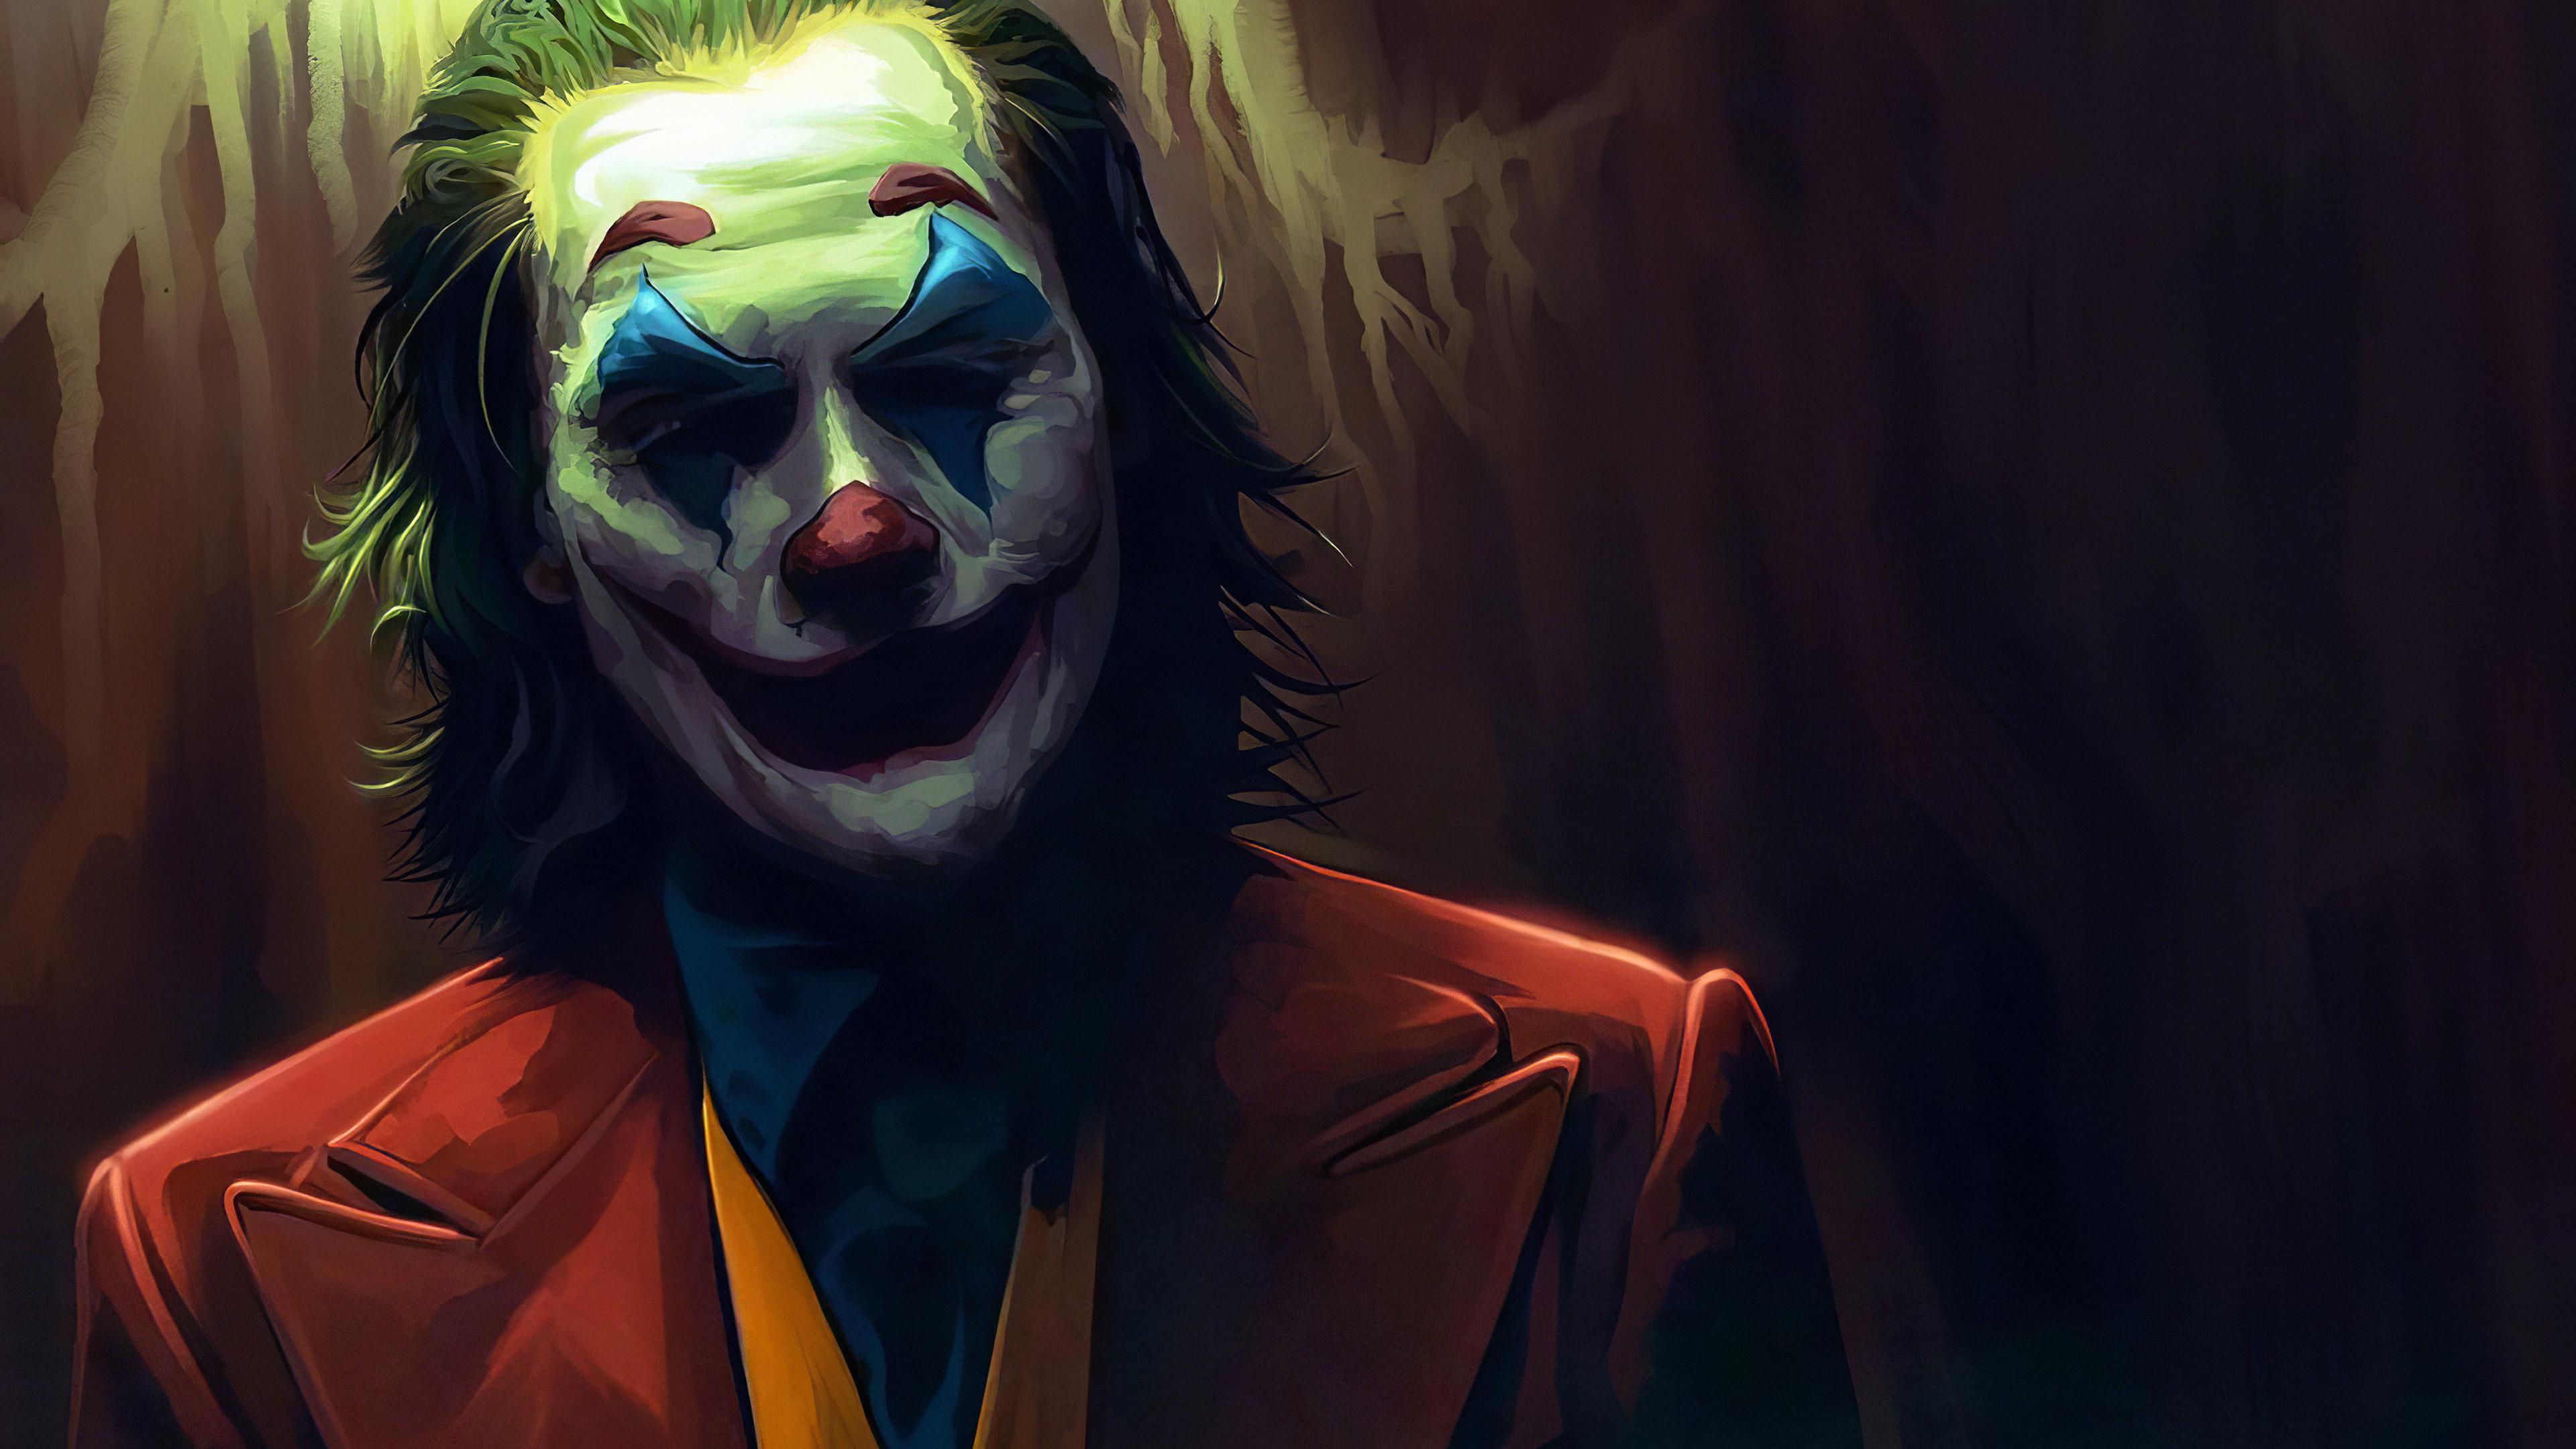 joker newart 2019 1572368590 - Joker Newart 2019 - supervillain wallpapers, superheroes wallpapers, joker wallpapers, joker movie wallpapers, hd-wallpapers, 4k-wallpapers